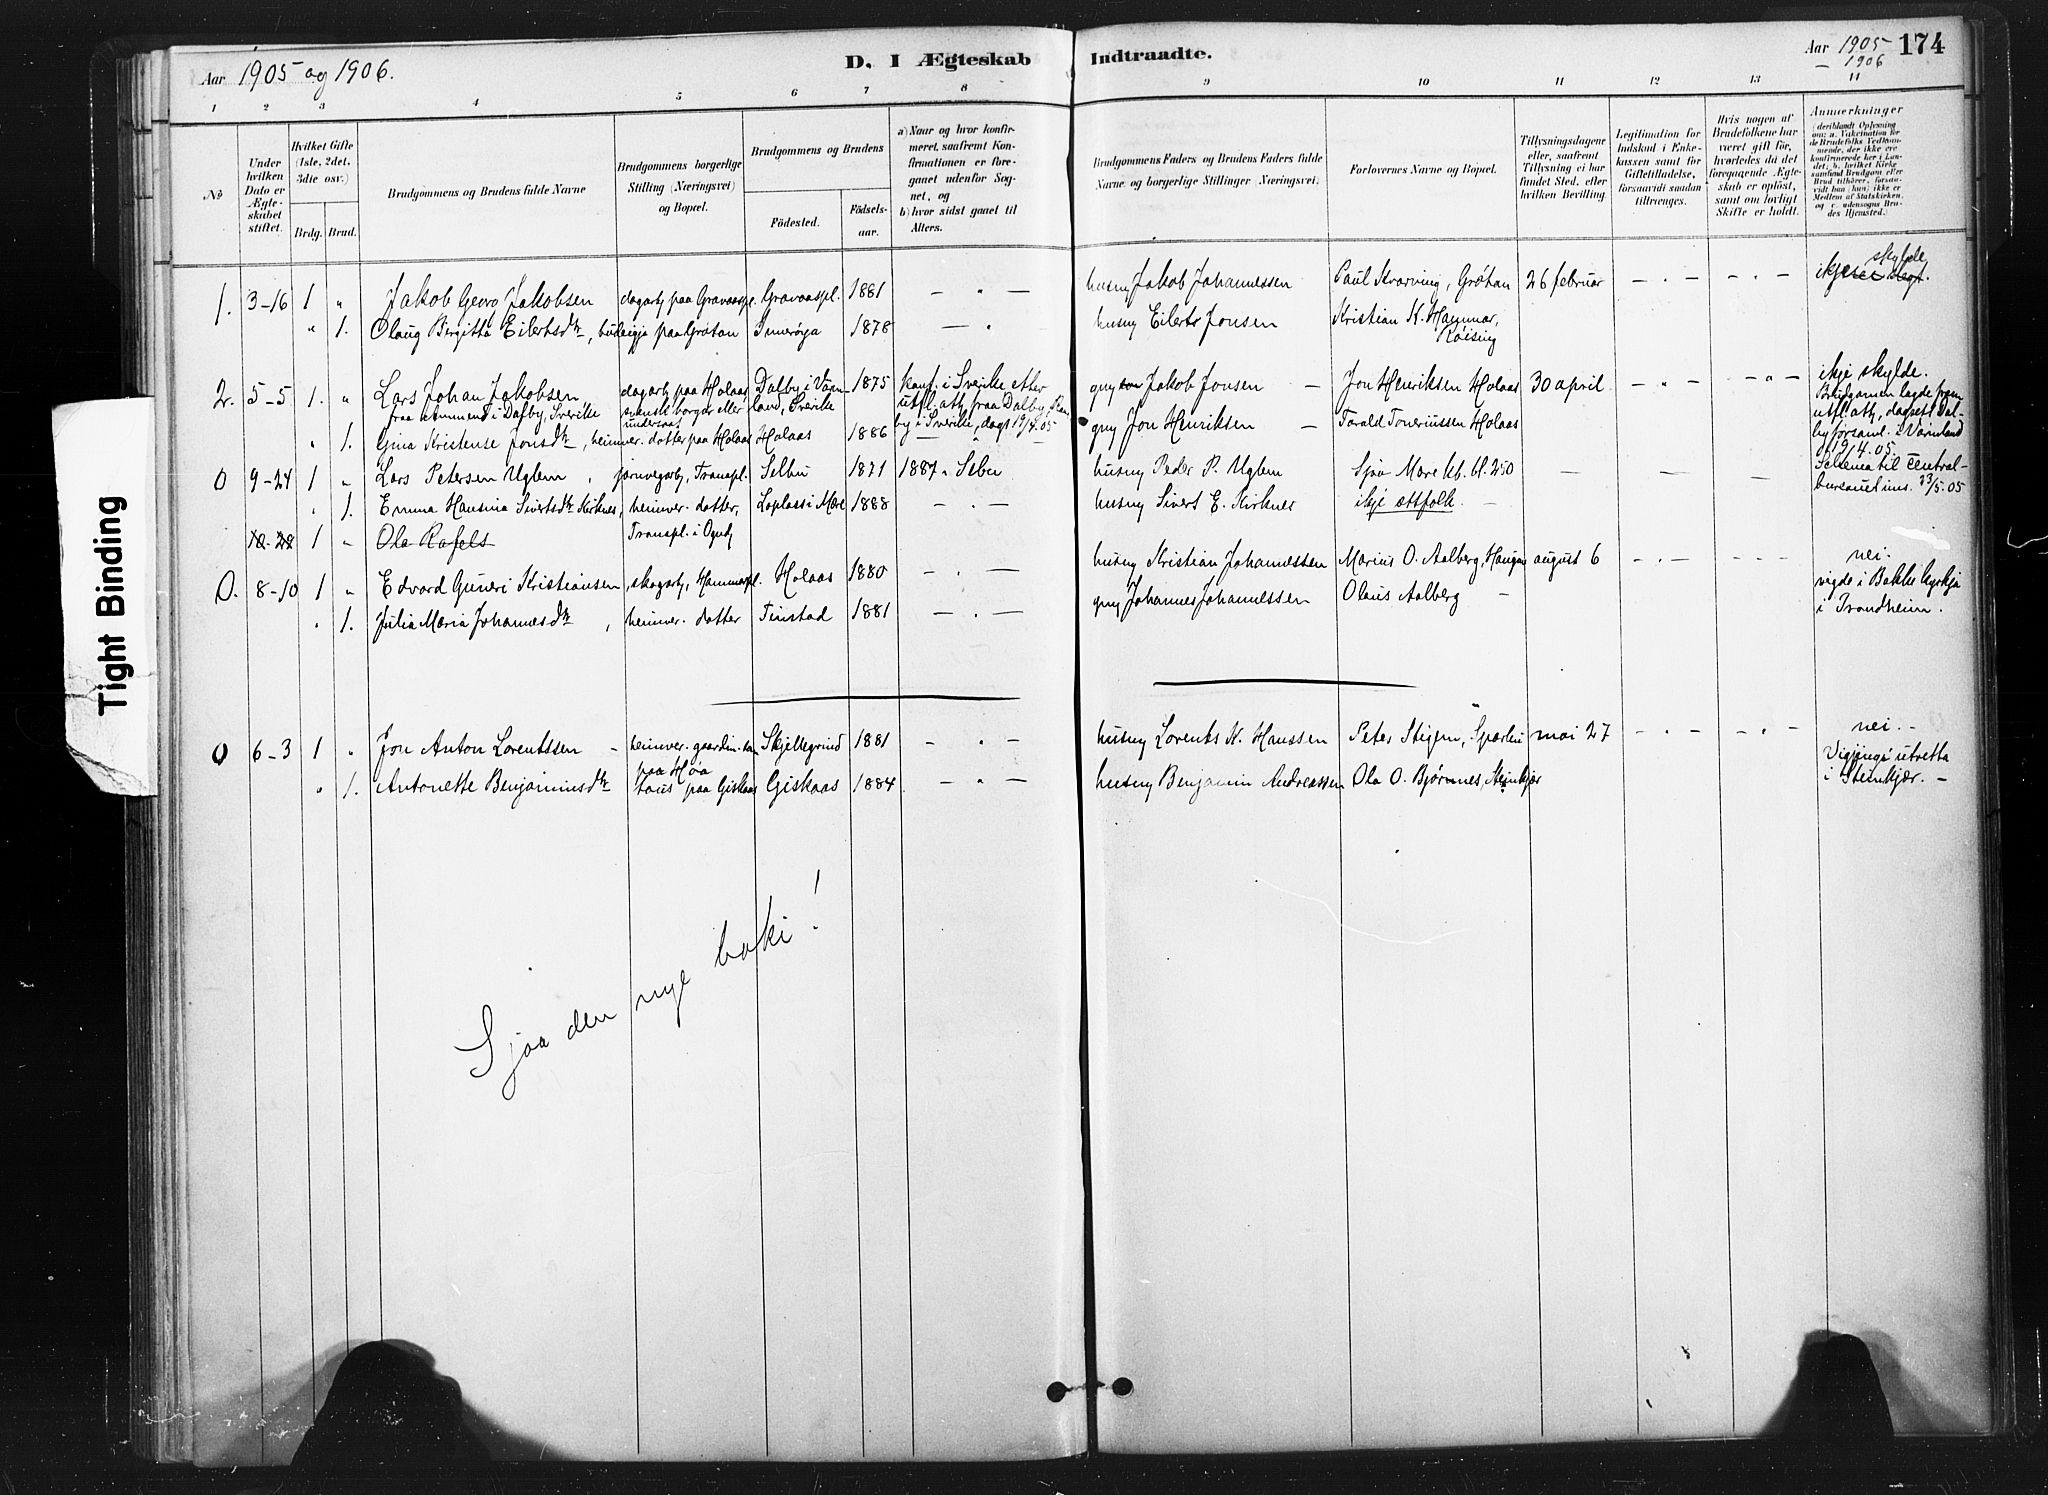 SAT, Ministerialprotokoller, klokkerbøker og fødselsregistre - Nord-Trøndelag, 736/L0361: Ministerialbok nr. 736A01, 1884-1906, s. 174